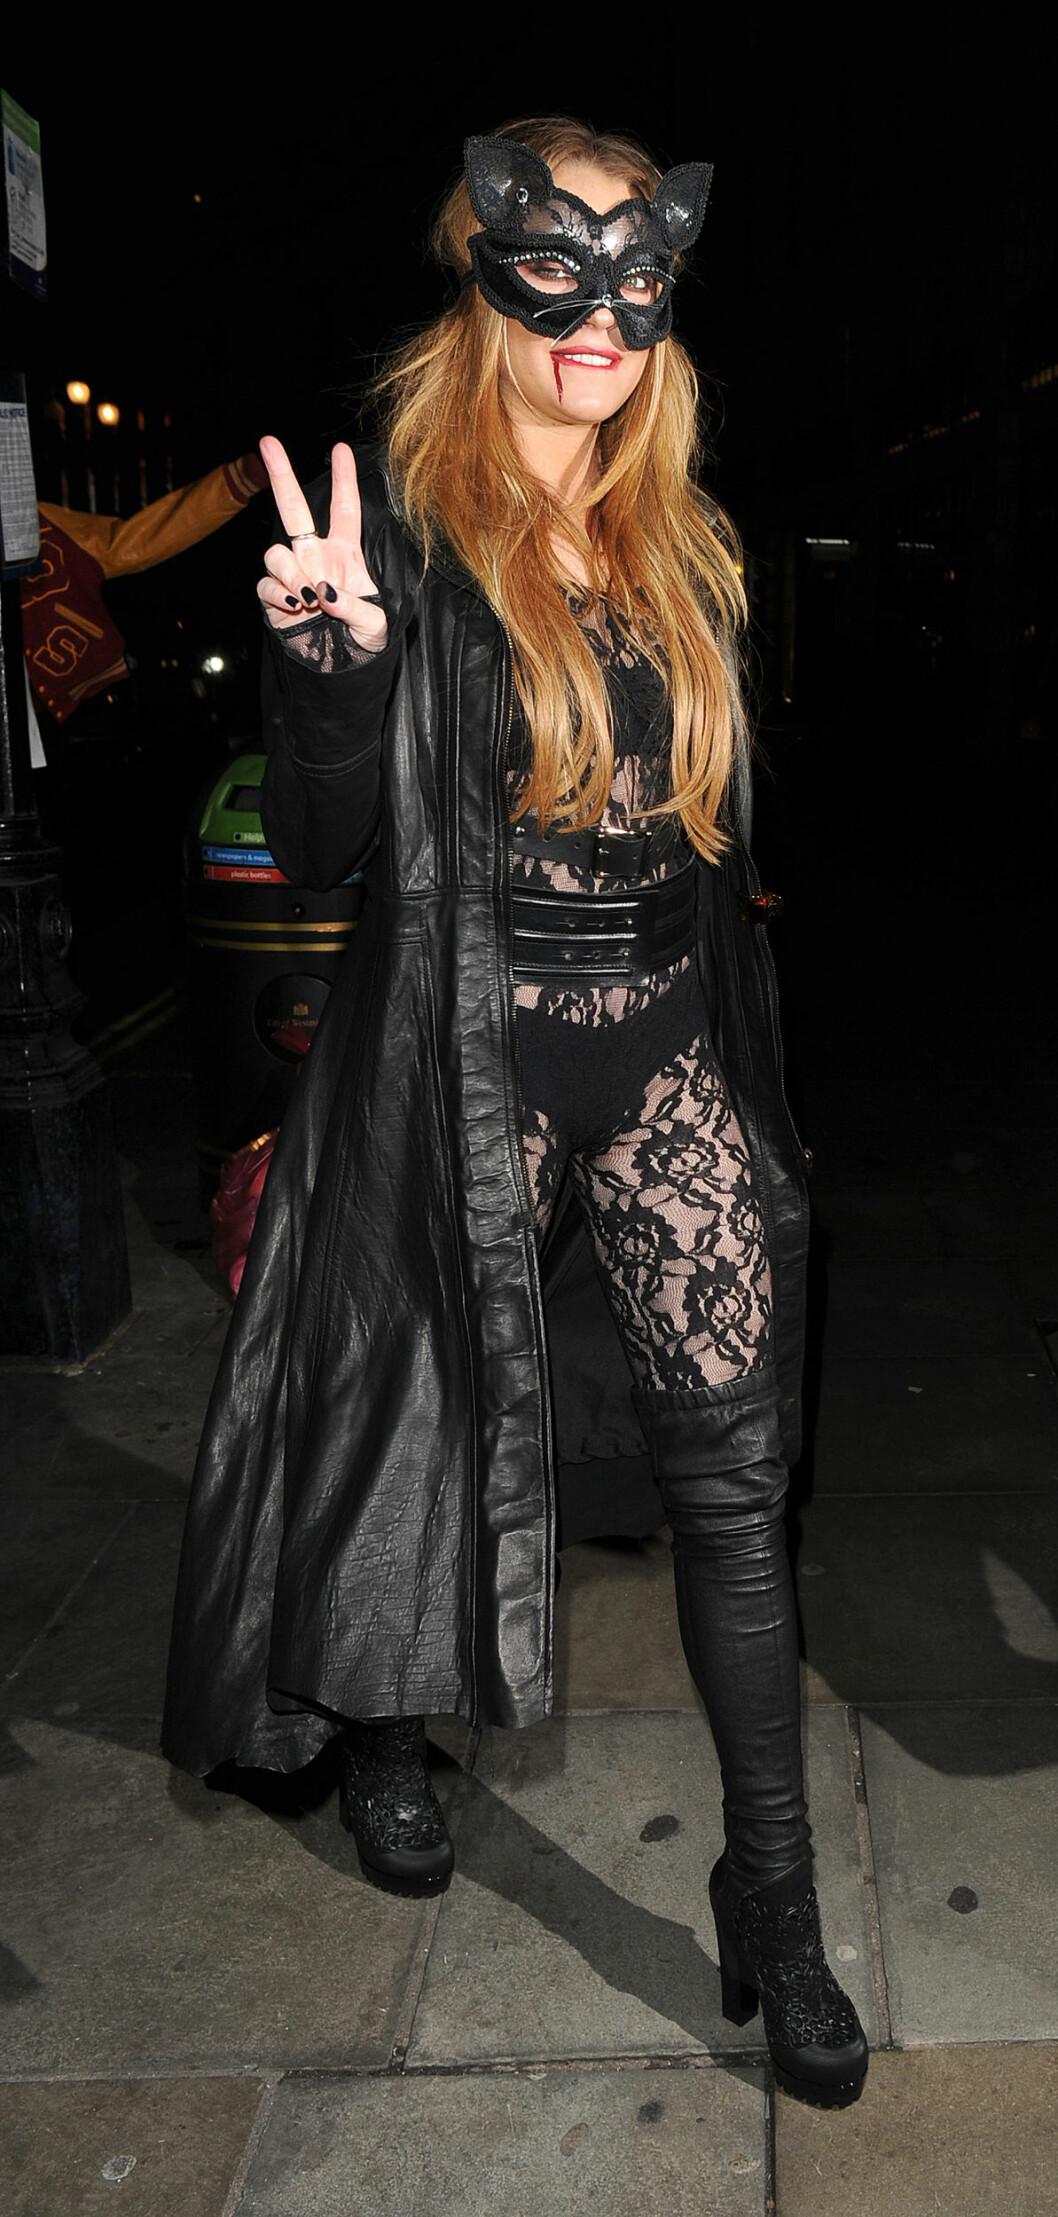 SKUMMEL: Lindsay Lohan i svart blondedrakt og blod rundt munnen.  Foto: Splash News